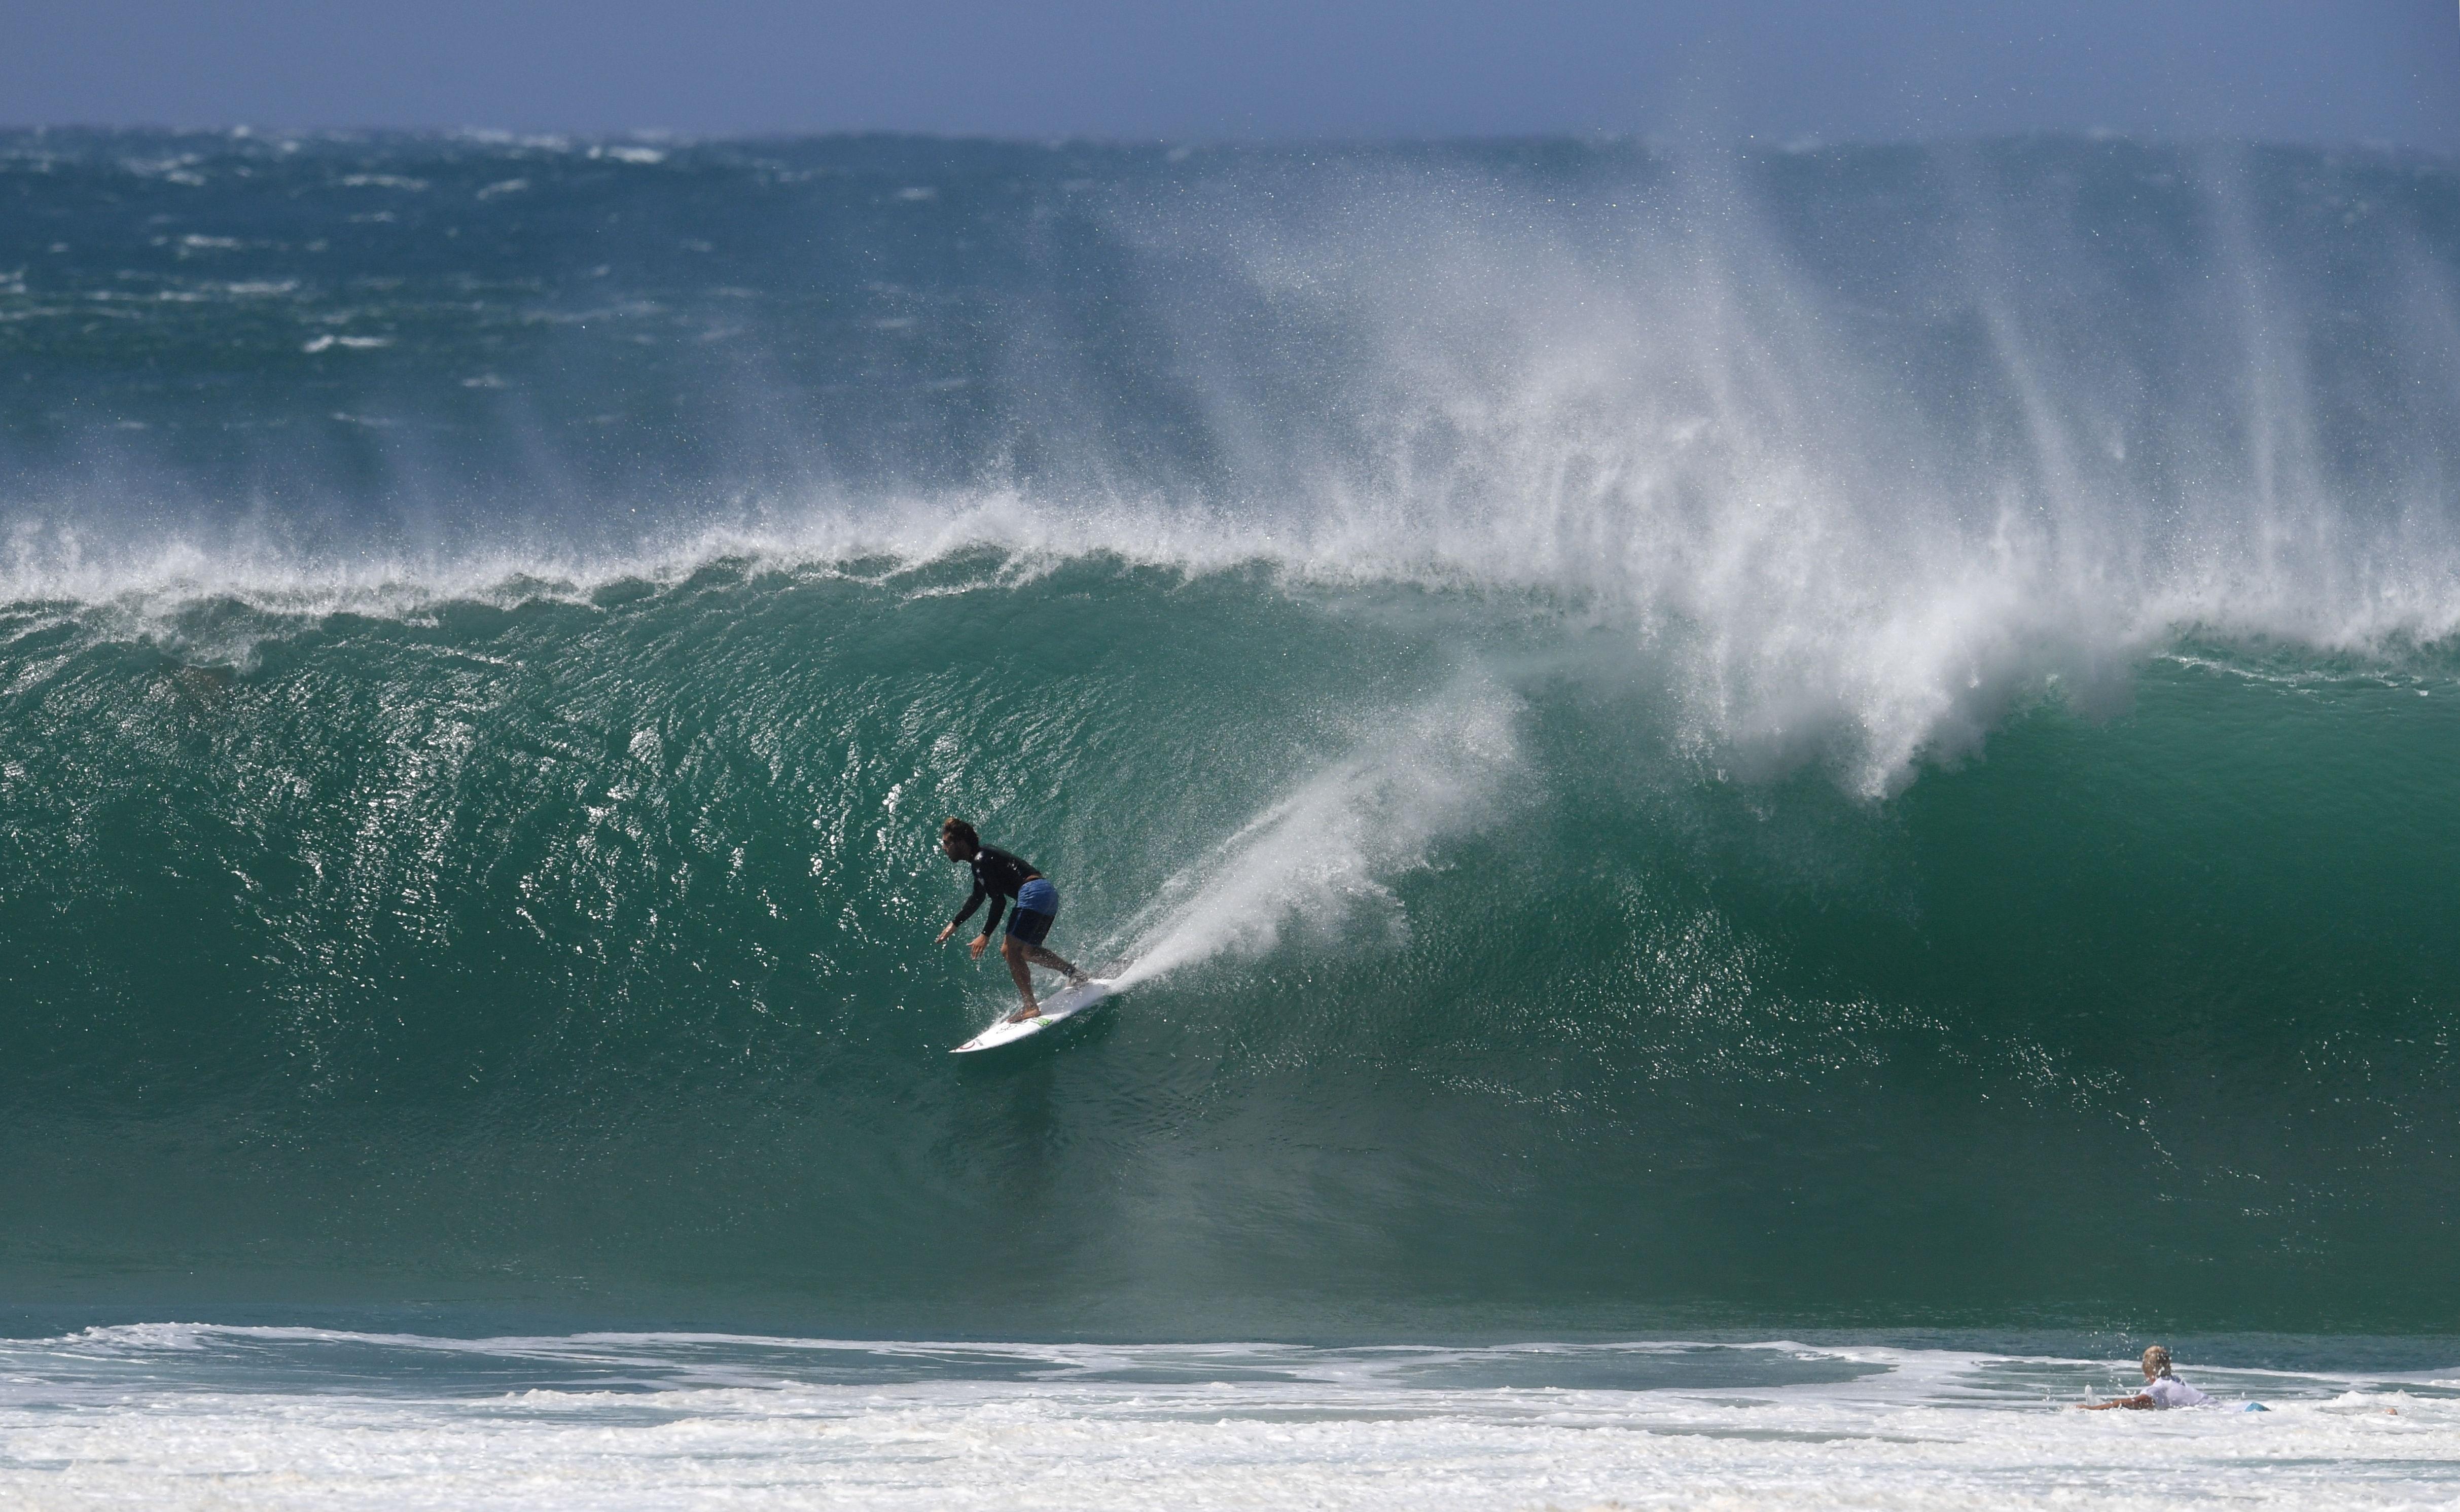 Un surfista es visto montando una ola en Kirra en Gold Coast, Queensland, Australia. EFE